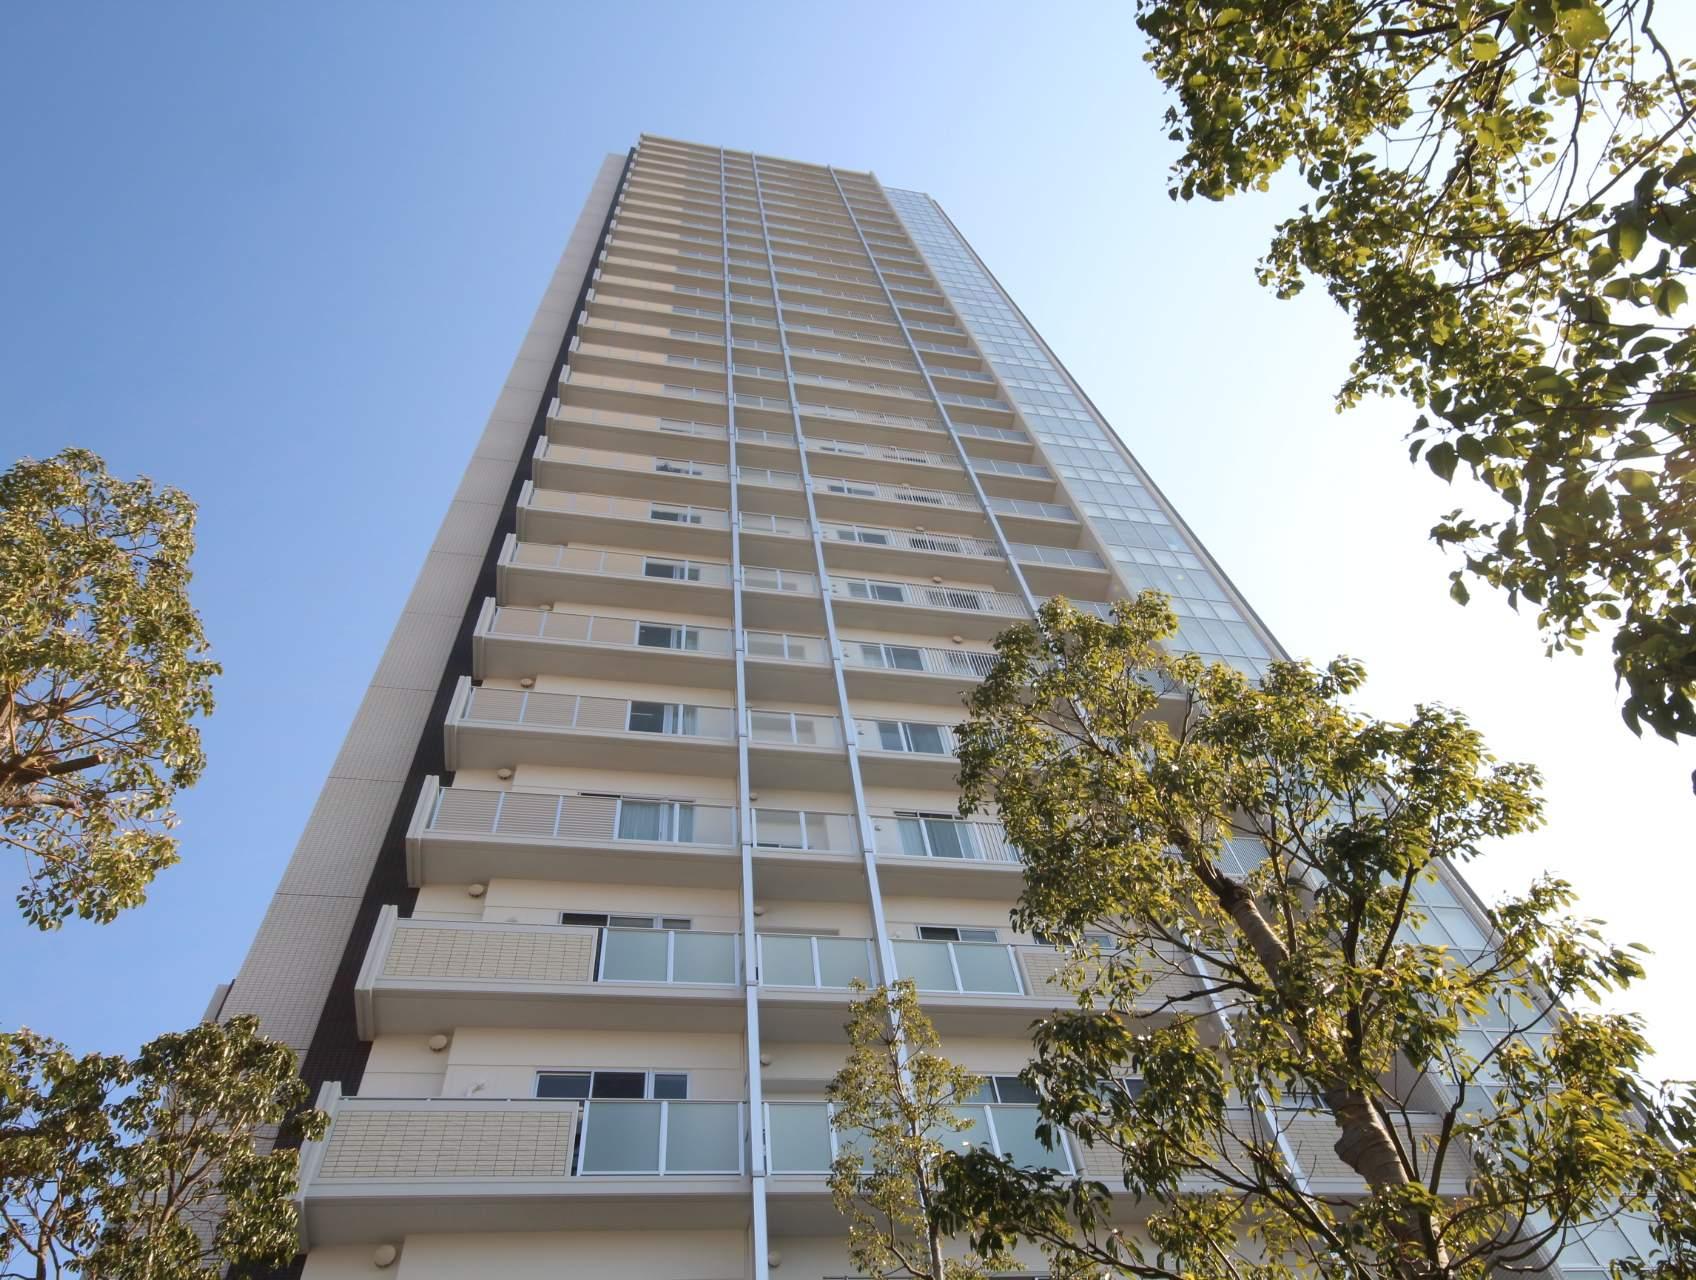 広島県広島市中区、縮景園前駅徒歩7分の築1年 28階建の賃貸マンション